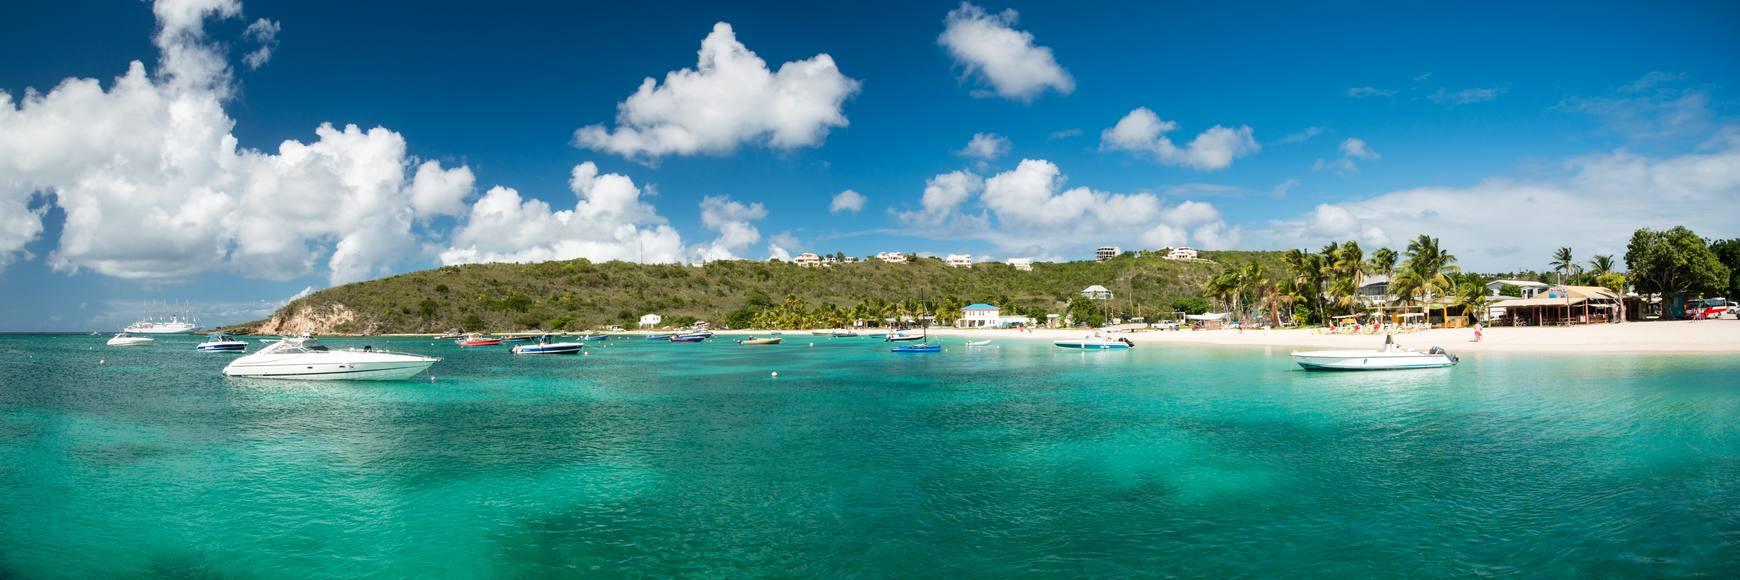 noleggio catamarani Grenada